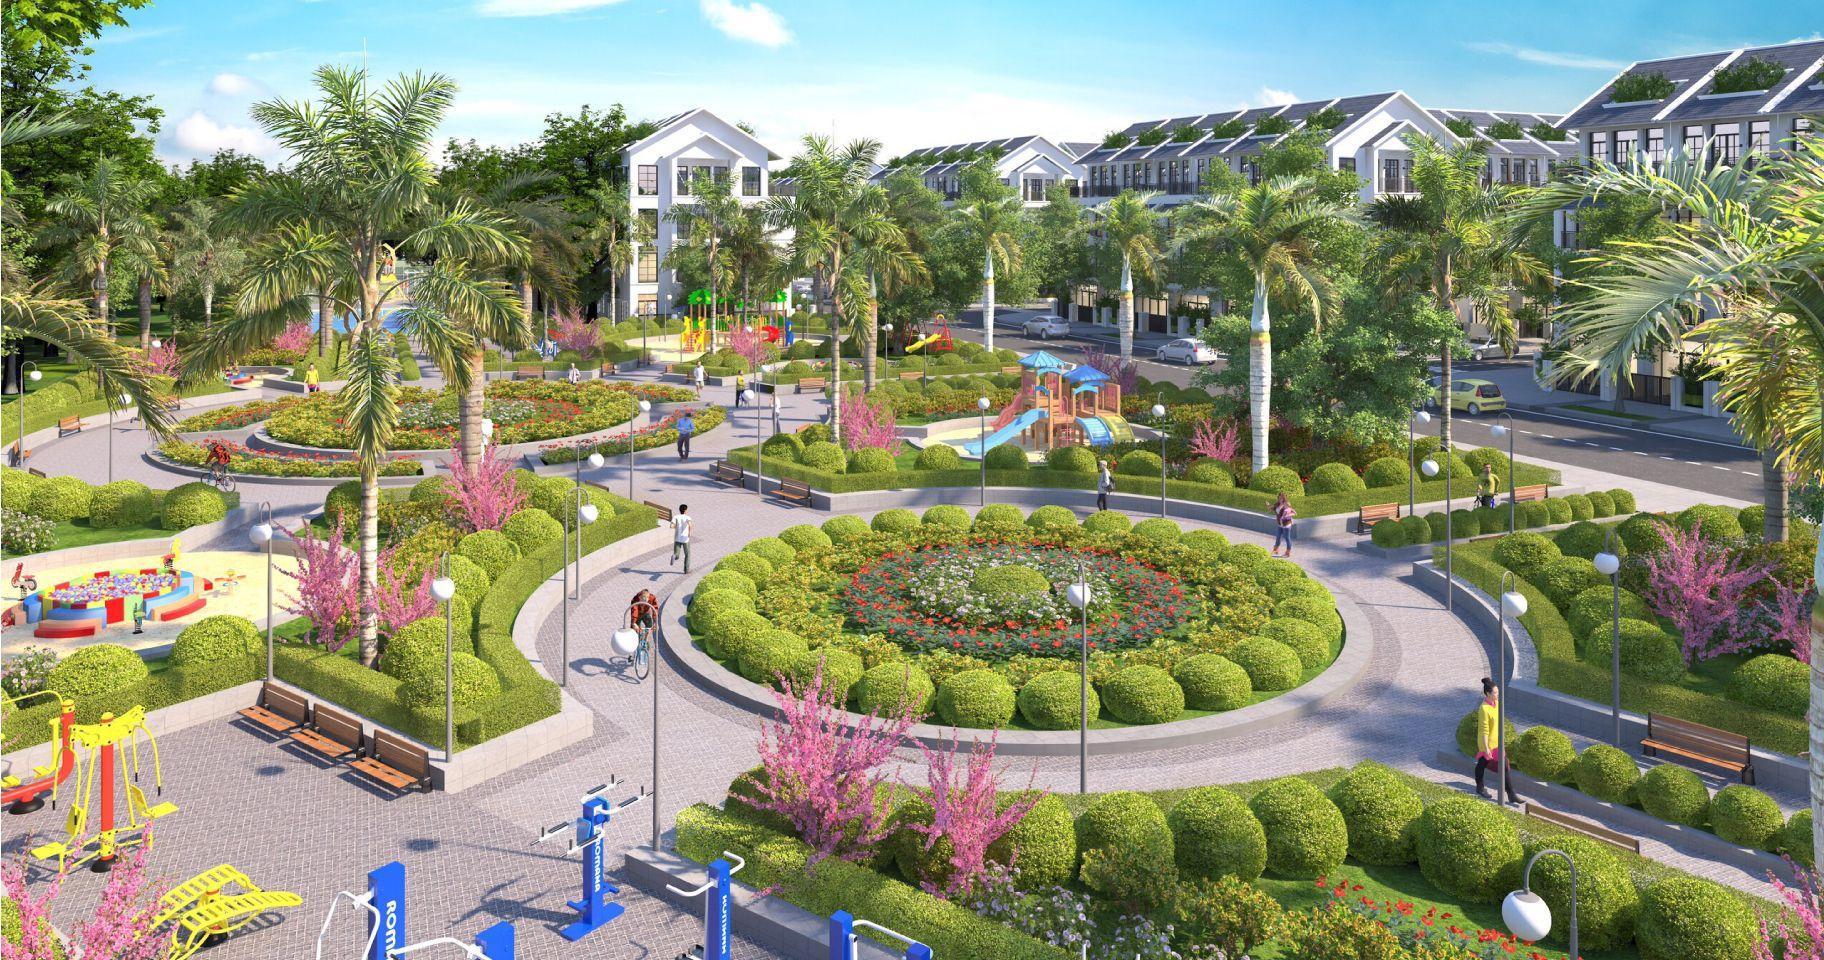 công viên cây xanh đại từ garden city